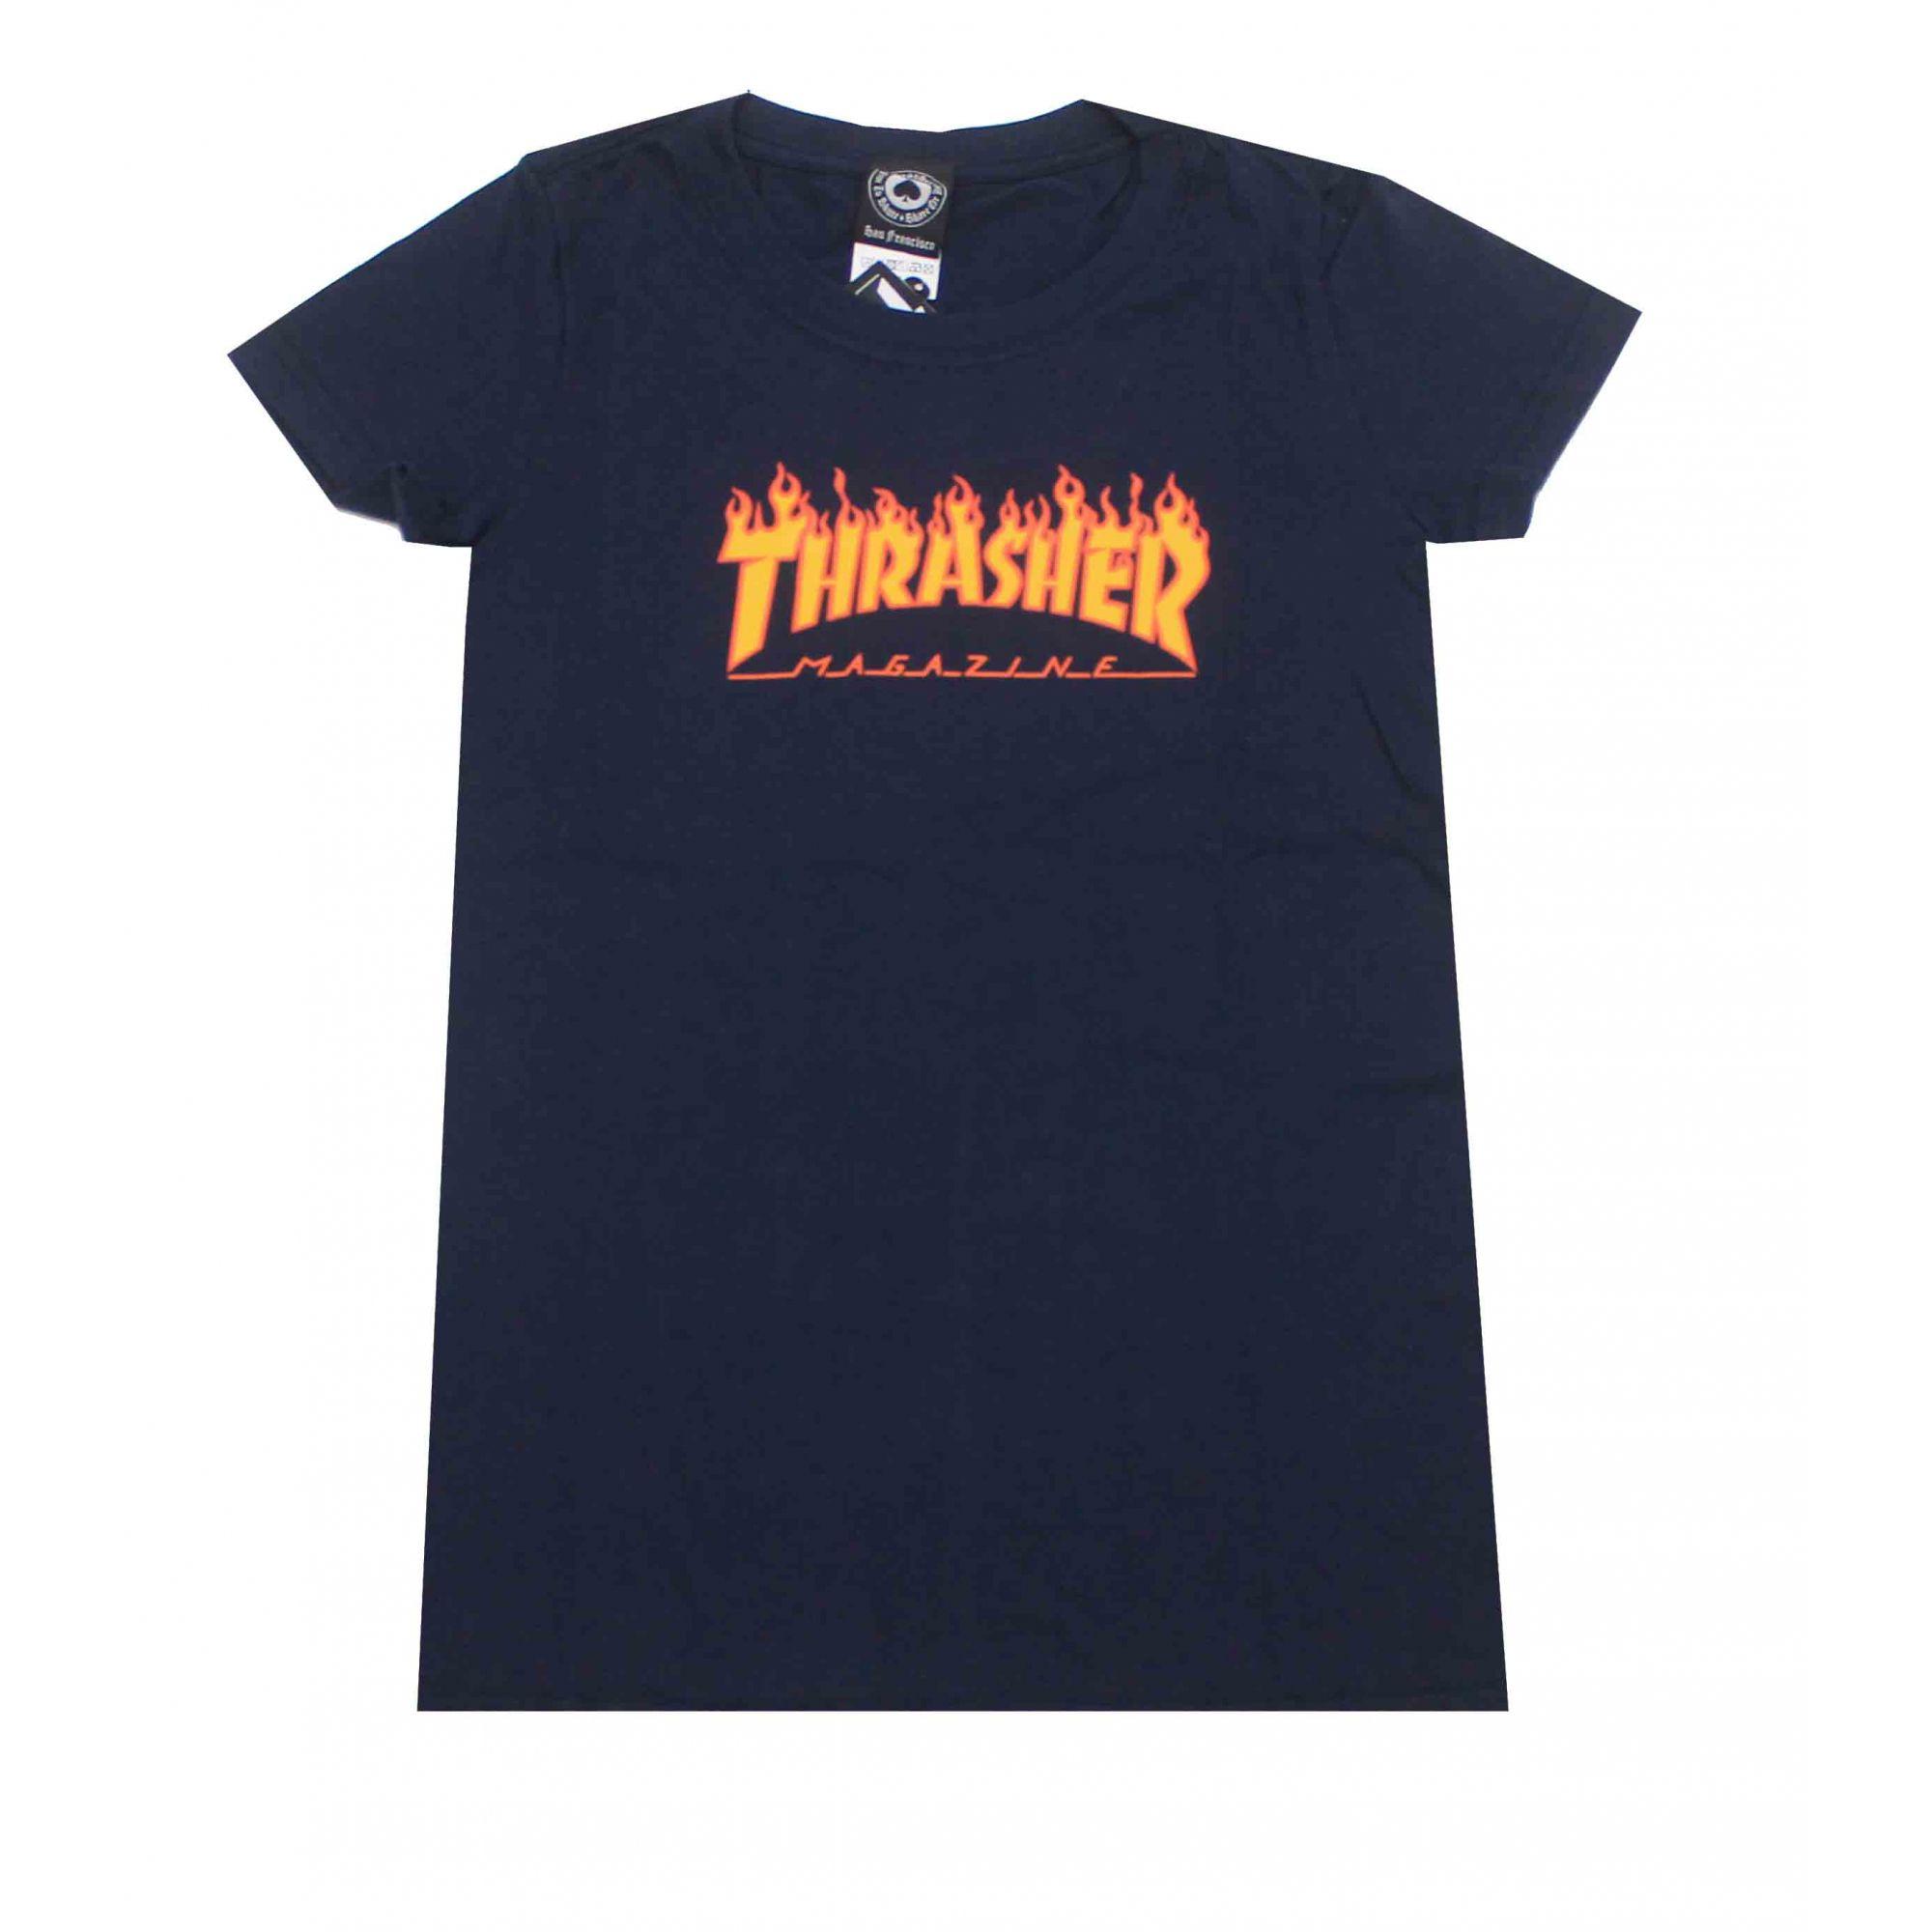 Camiseta Feminina Thrasher Magazine Classic Flame Blue Navy